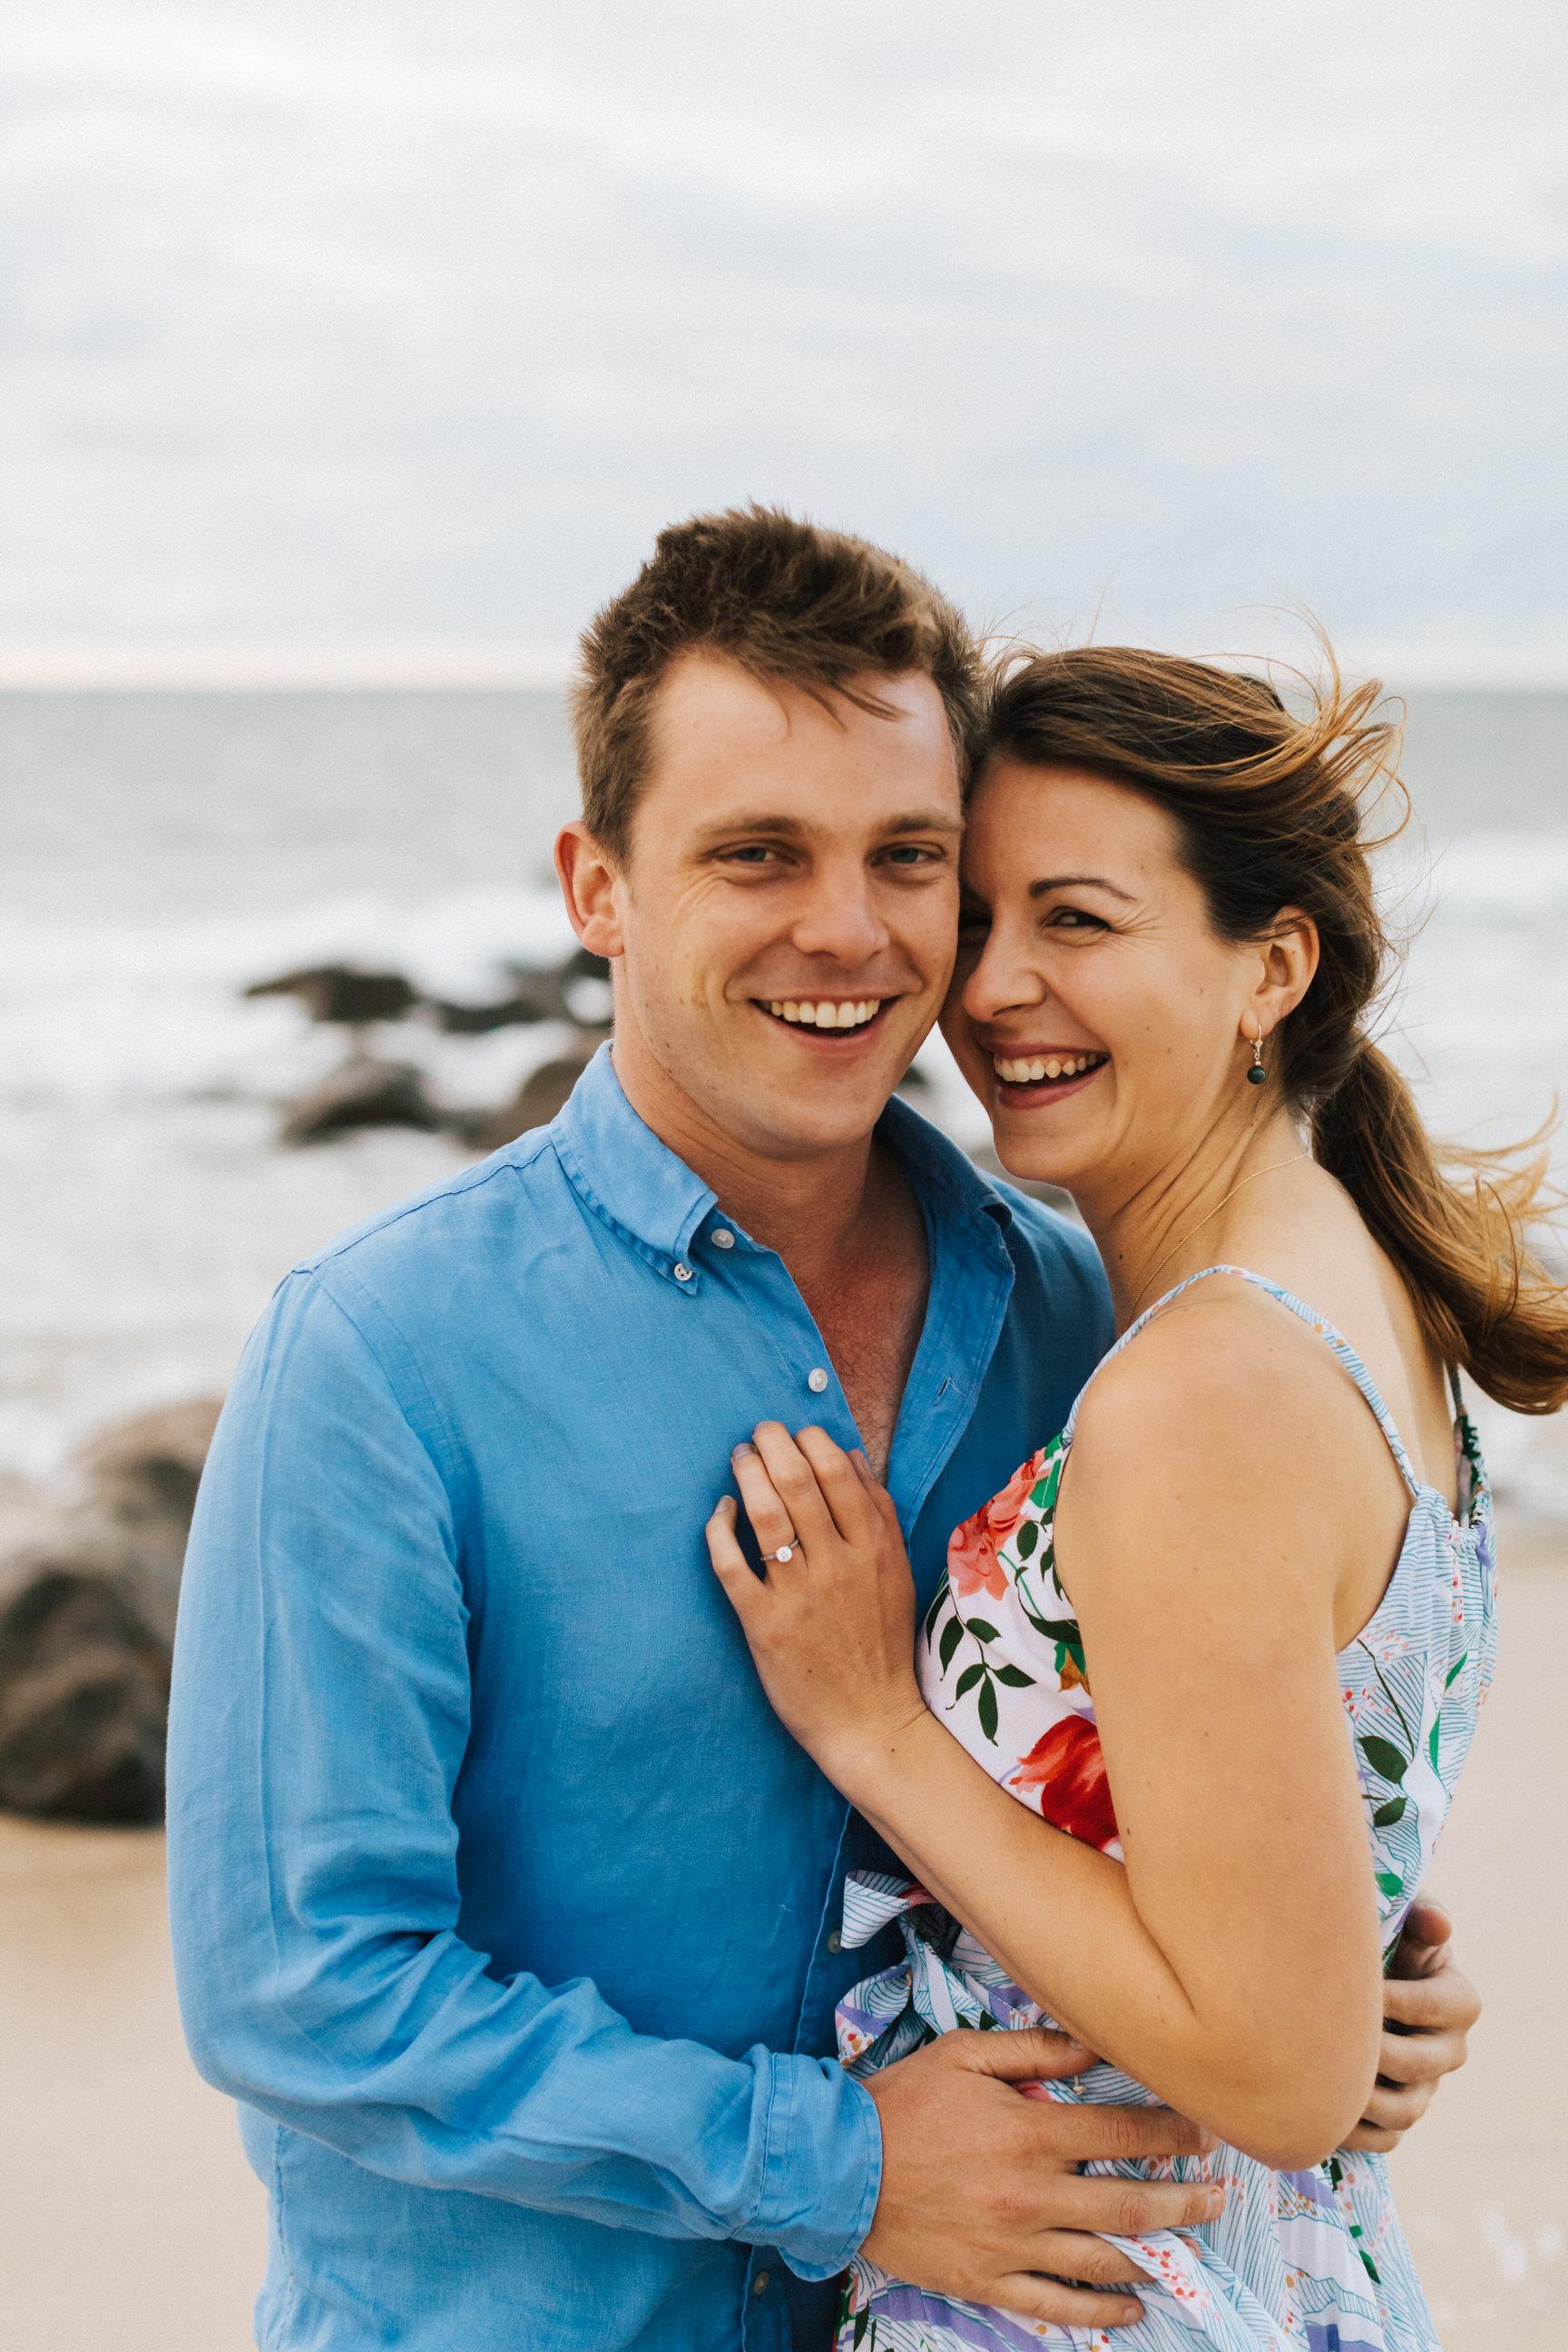 Stormy Summer Glenelg Beach Engagement Portrait 006.jpg